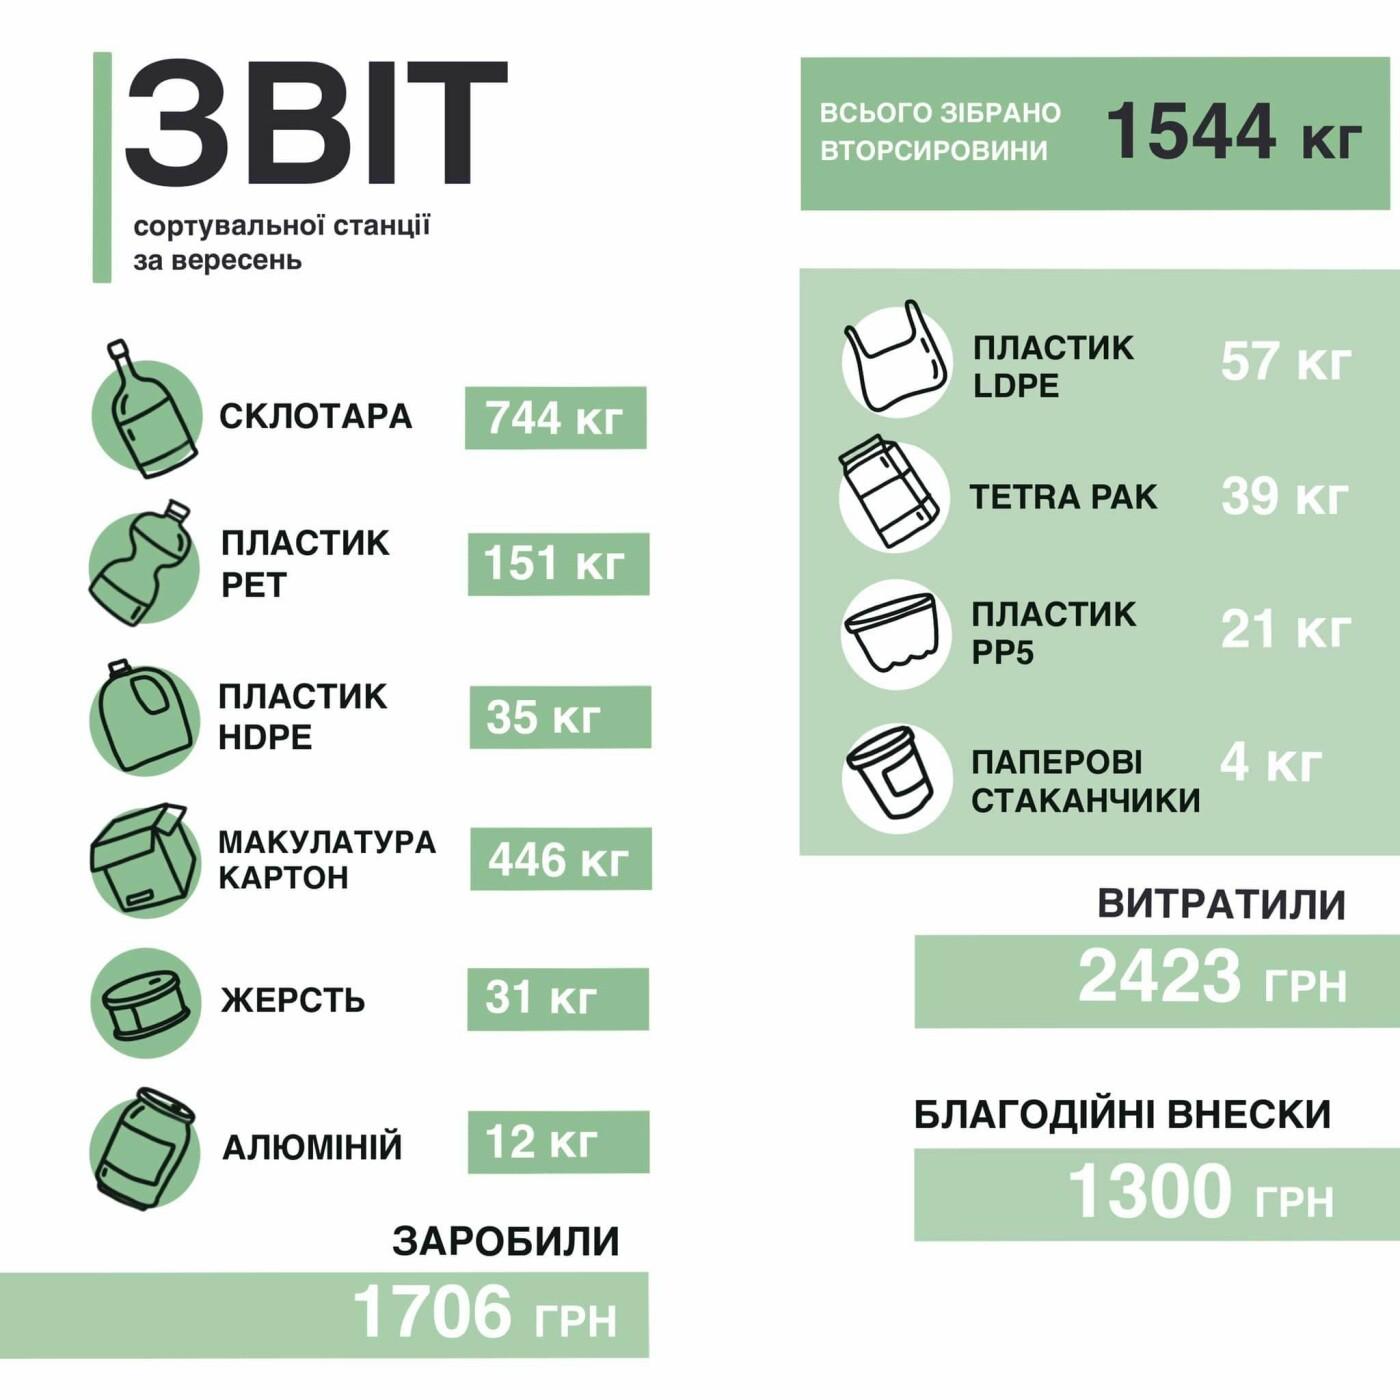 Сміття перетворюється у гроші: за вересень сортувальна станція у Чернігові заробила більше ніж 1500 грн, але цього не достатньо, фото-1